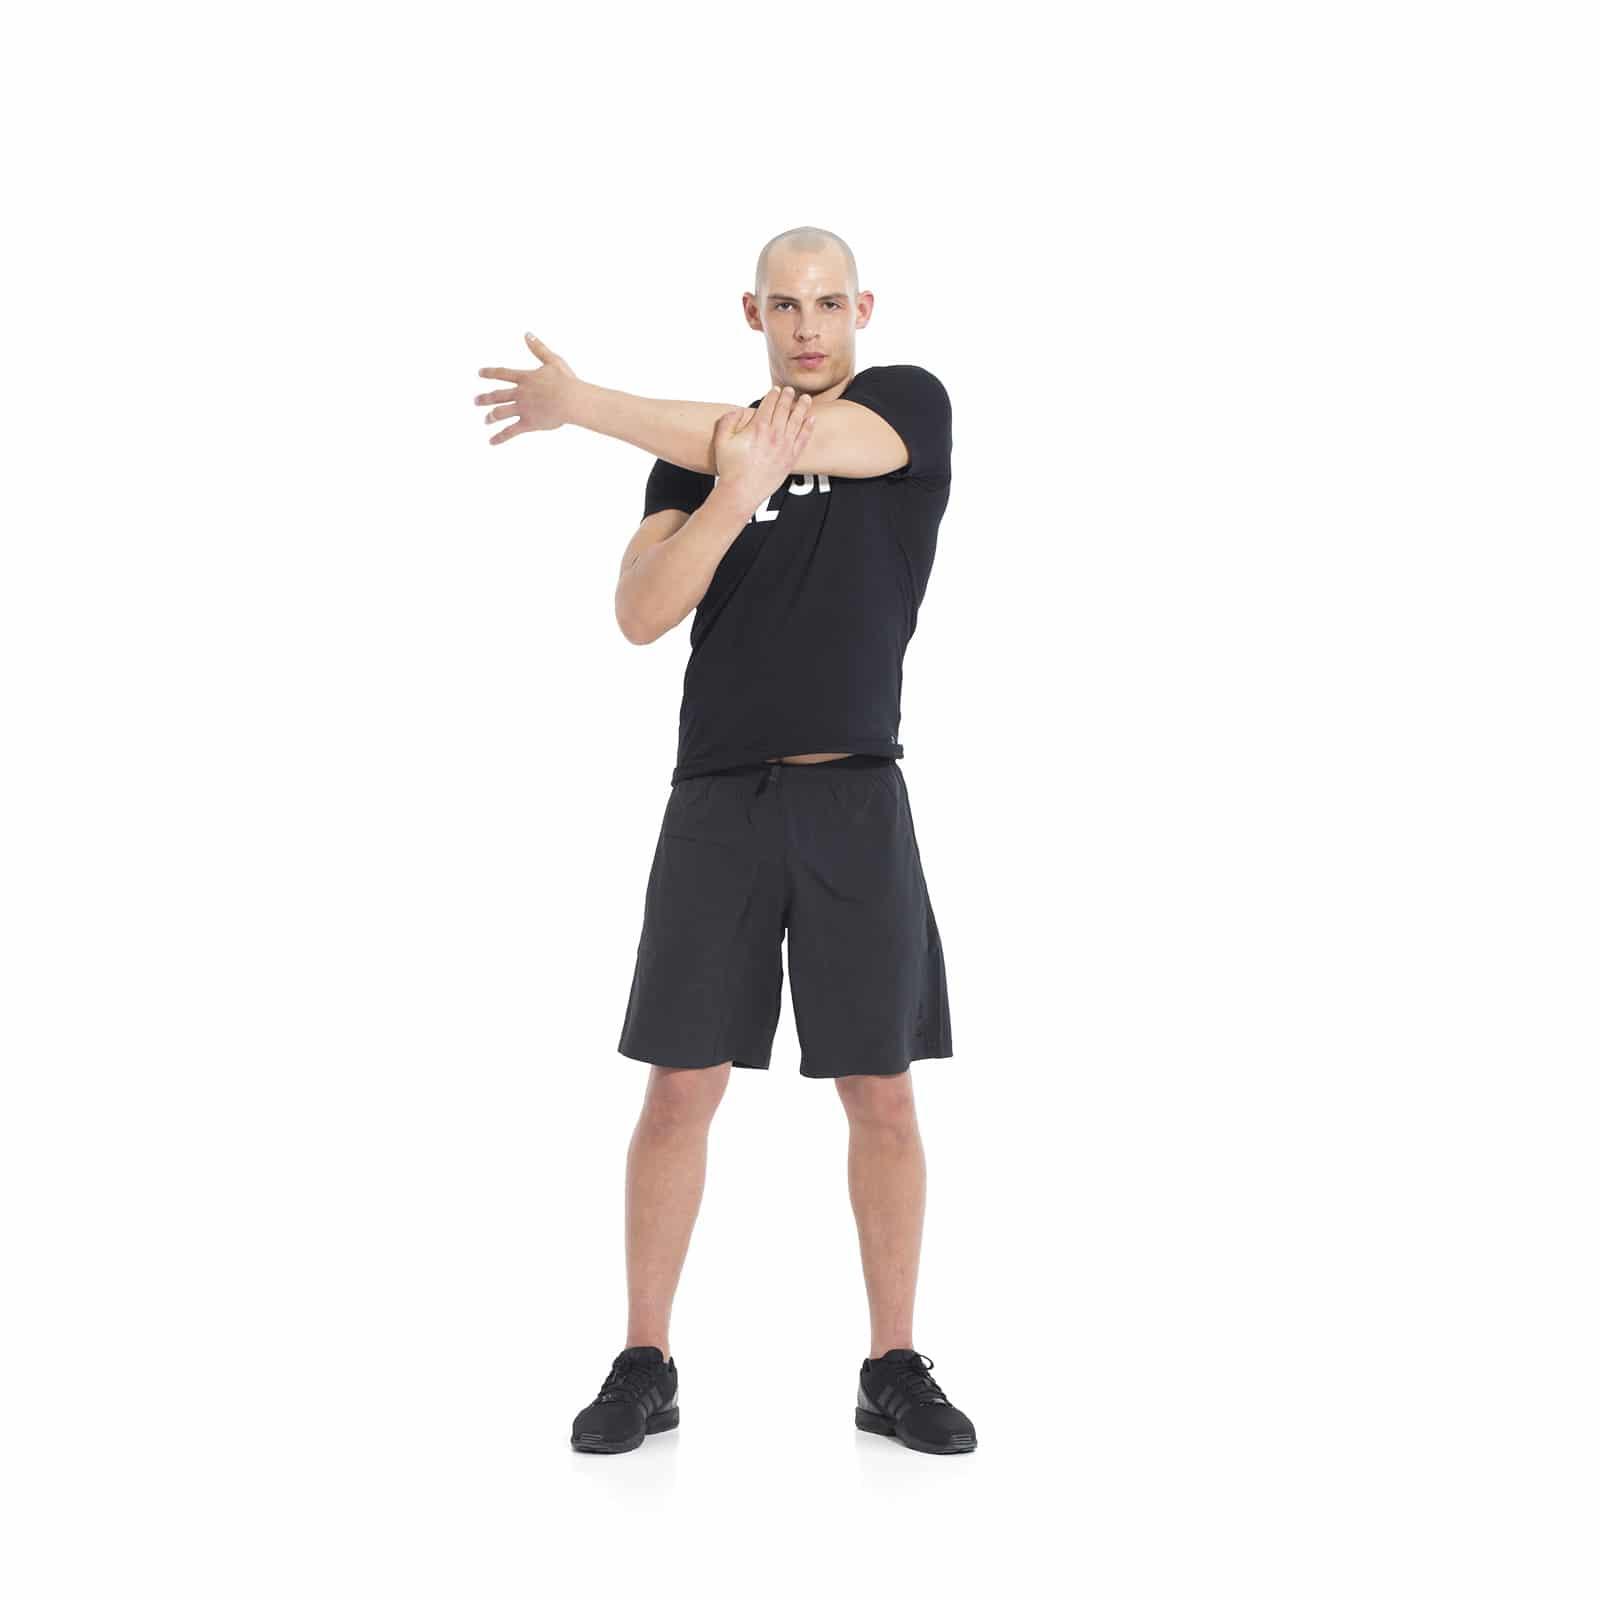 Contracture du biceps : vos muscles doivent être détendus